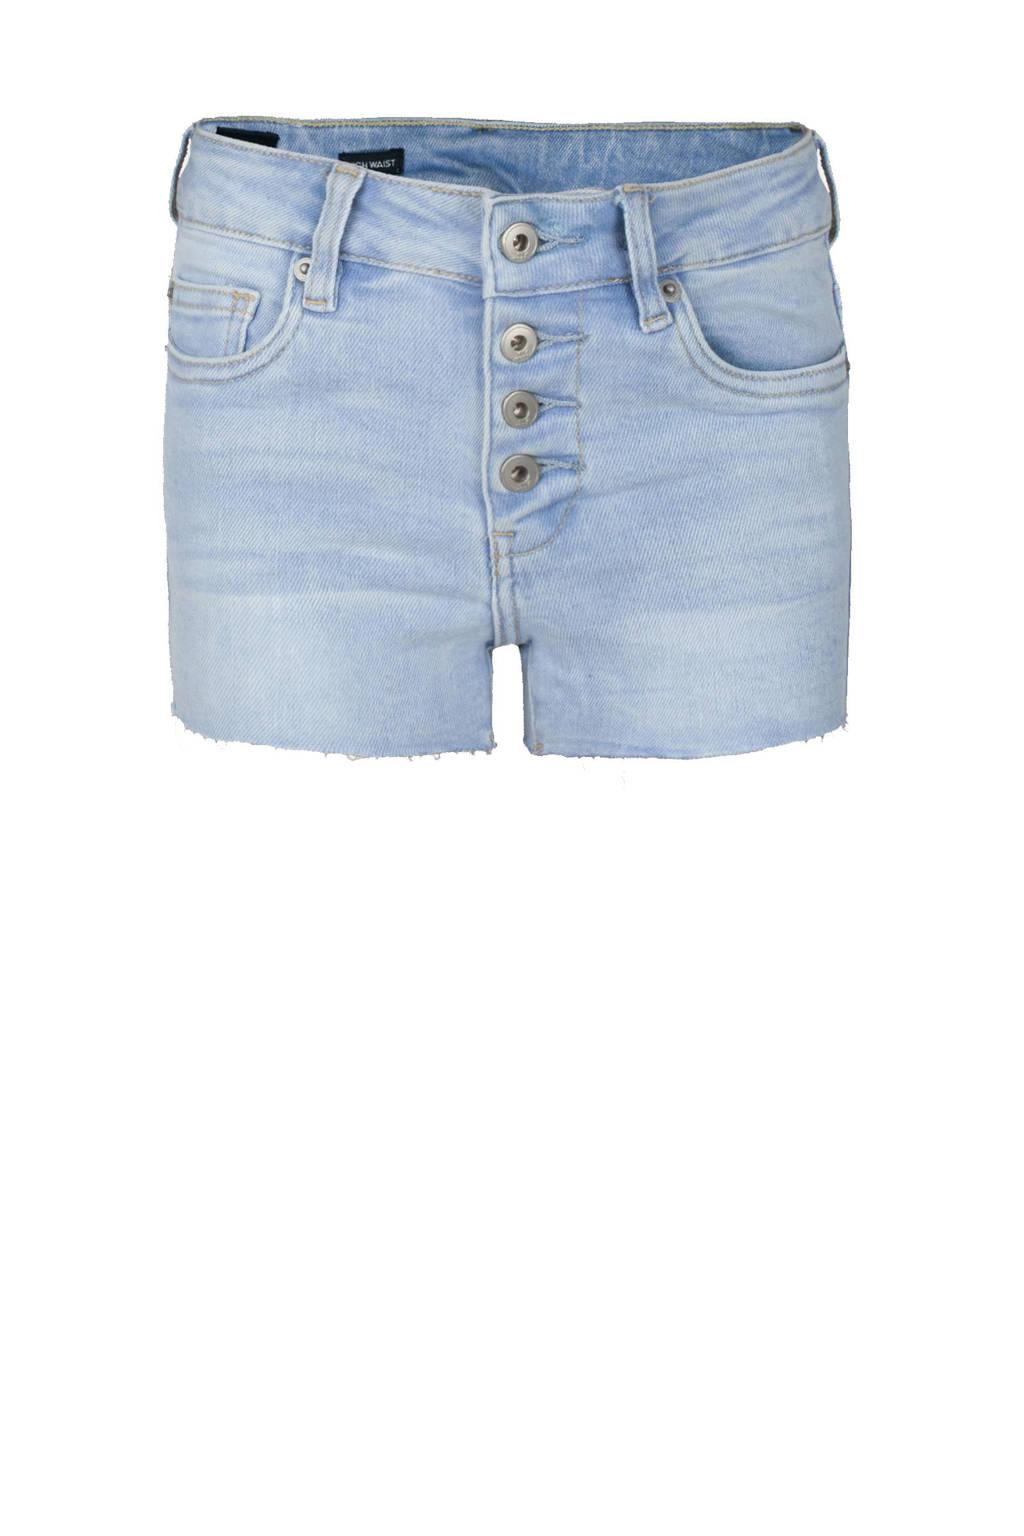 Jill & Mitch by Shoeby high waist jeans short Teddy light denim, Light denim